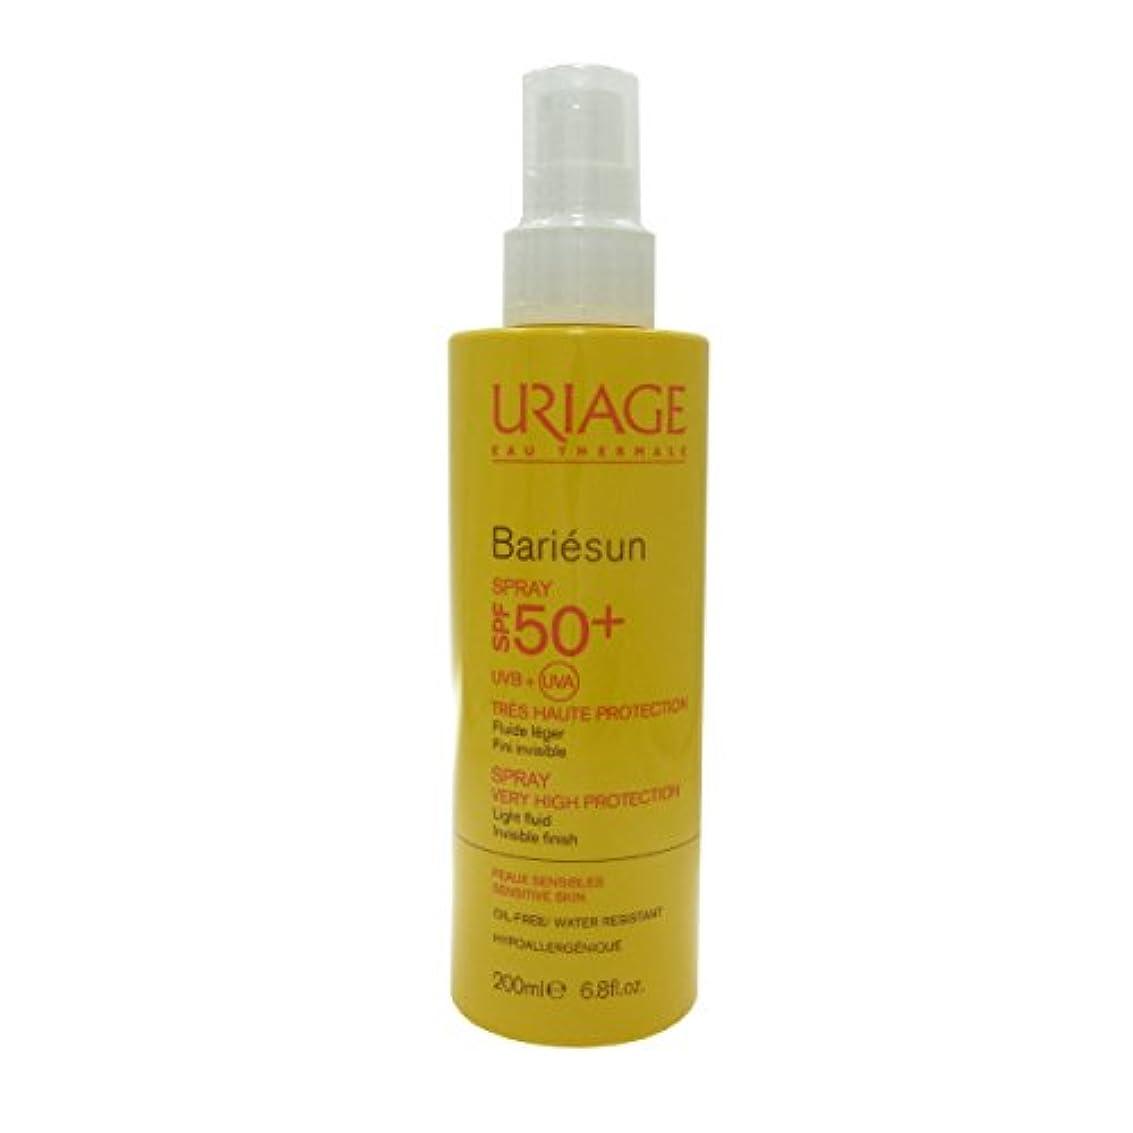 素朴な適応するまだらUriage Bariesun Spray Spf 50+ 200ml [並行輸入品]